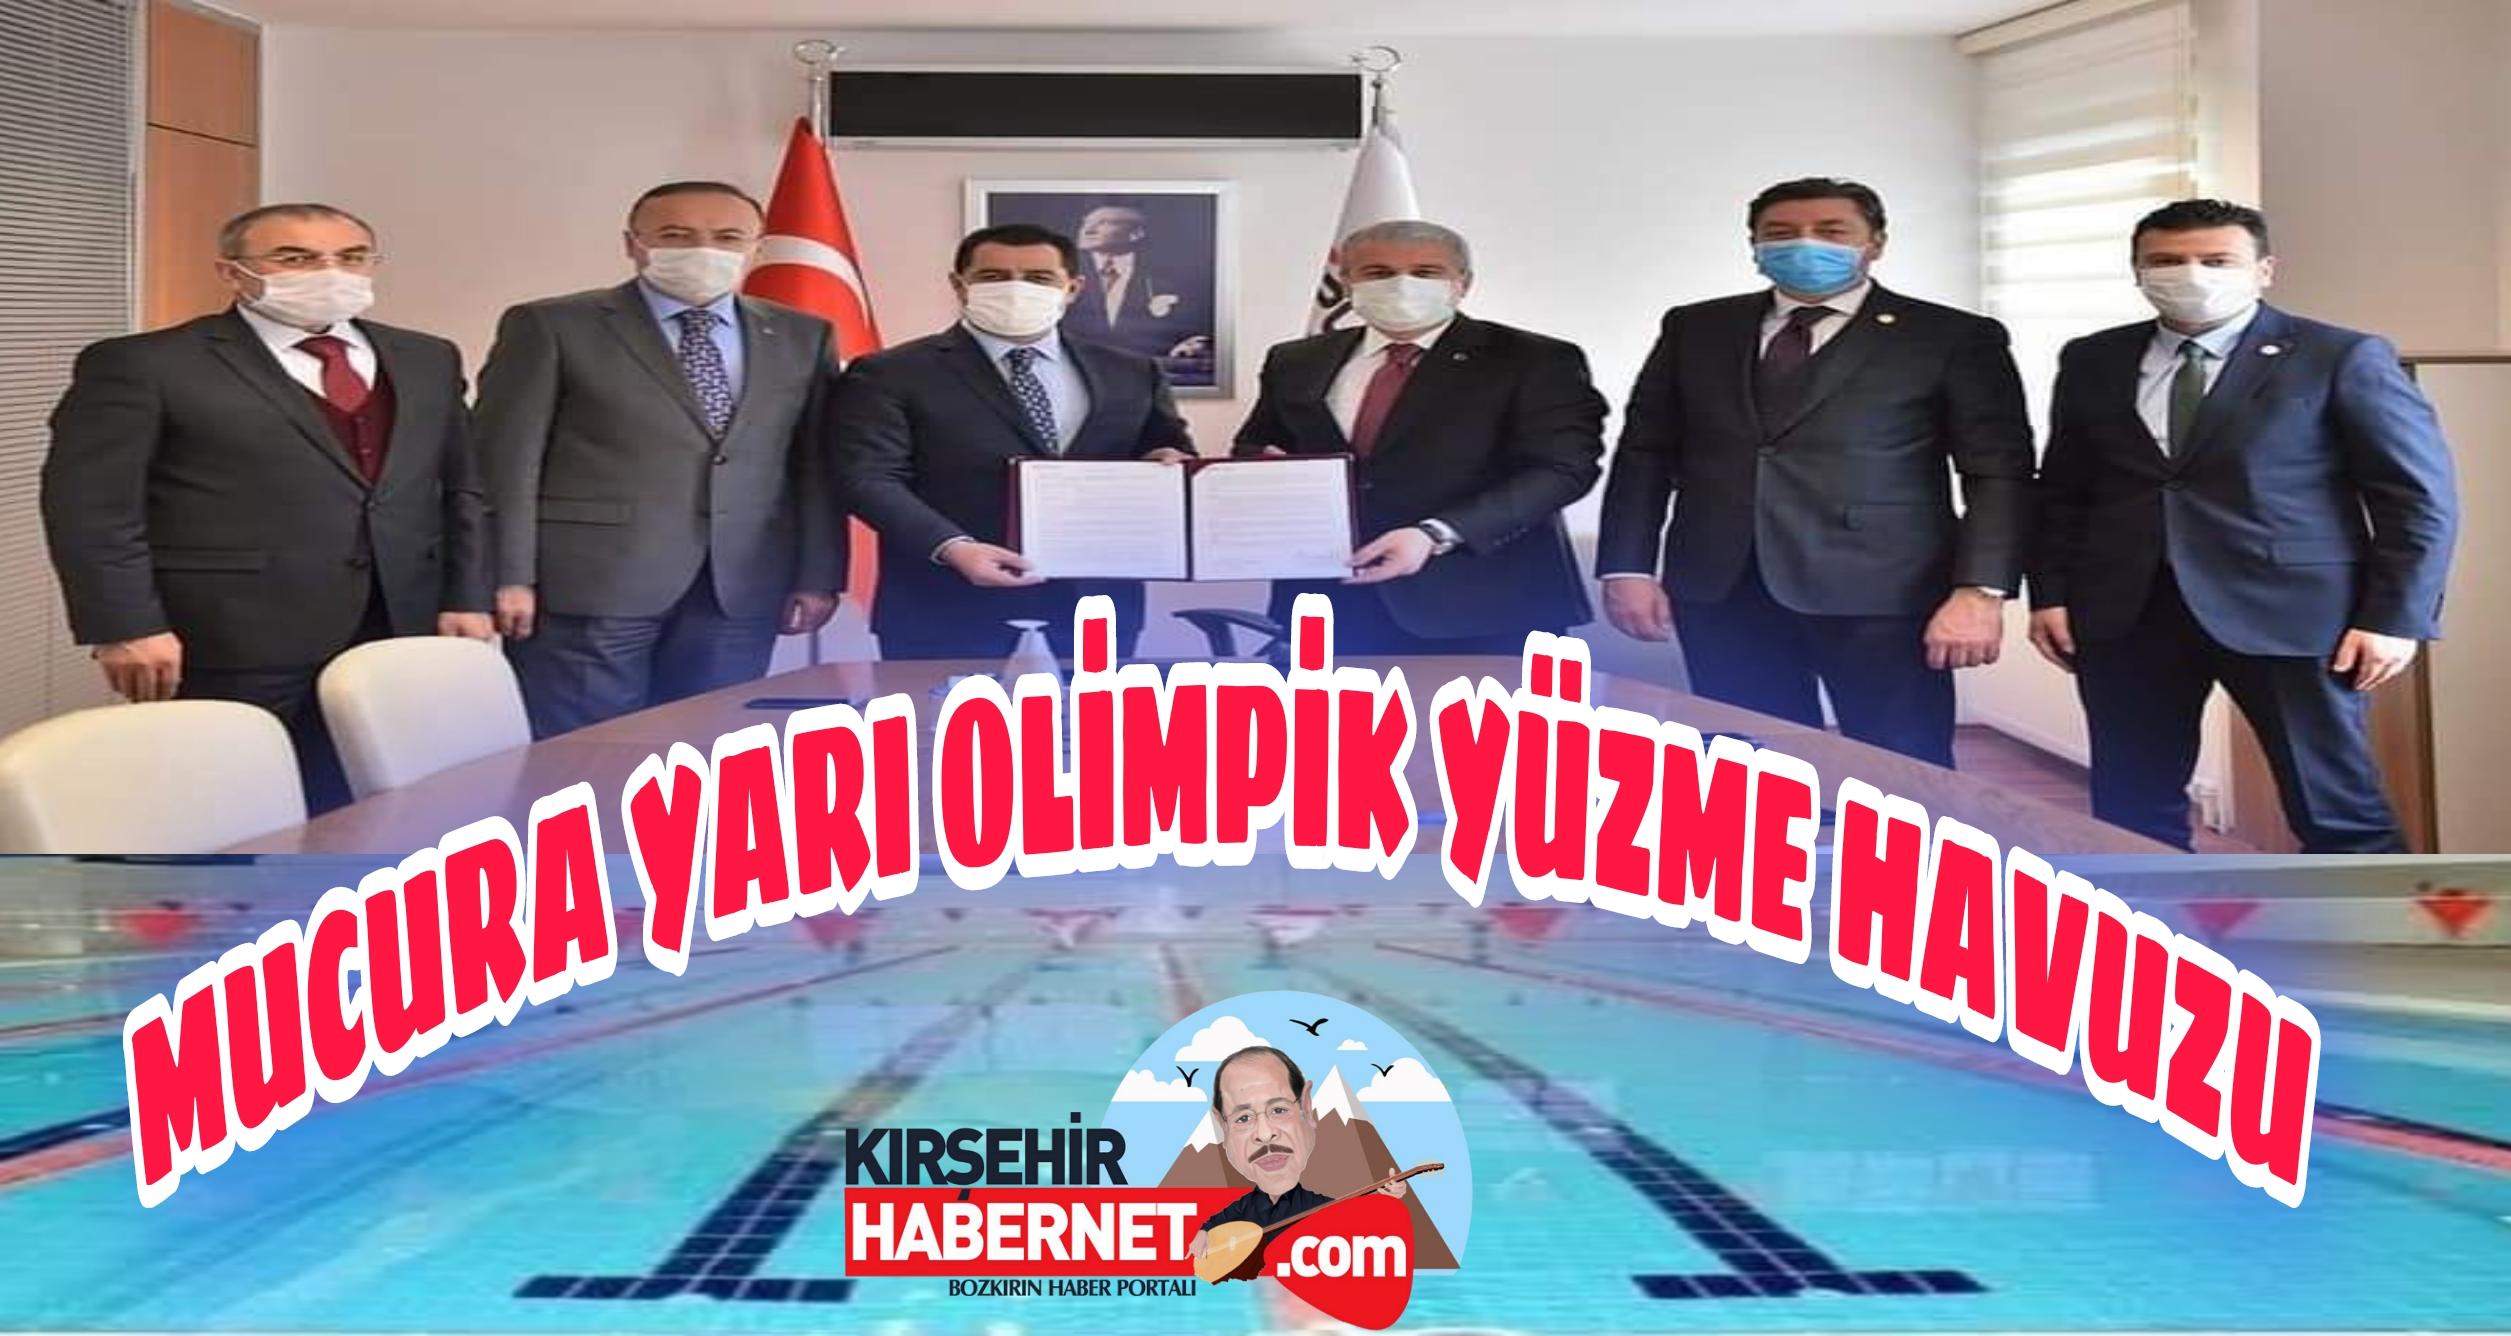 MUCUR' a YARI OLİMPİK YÜZME HAVUZU !!